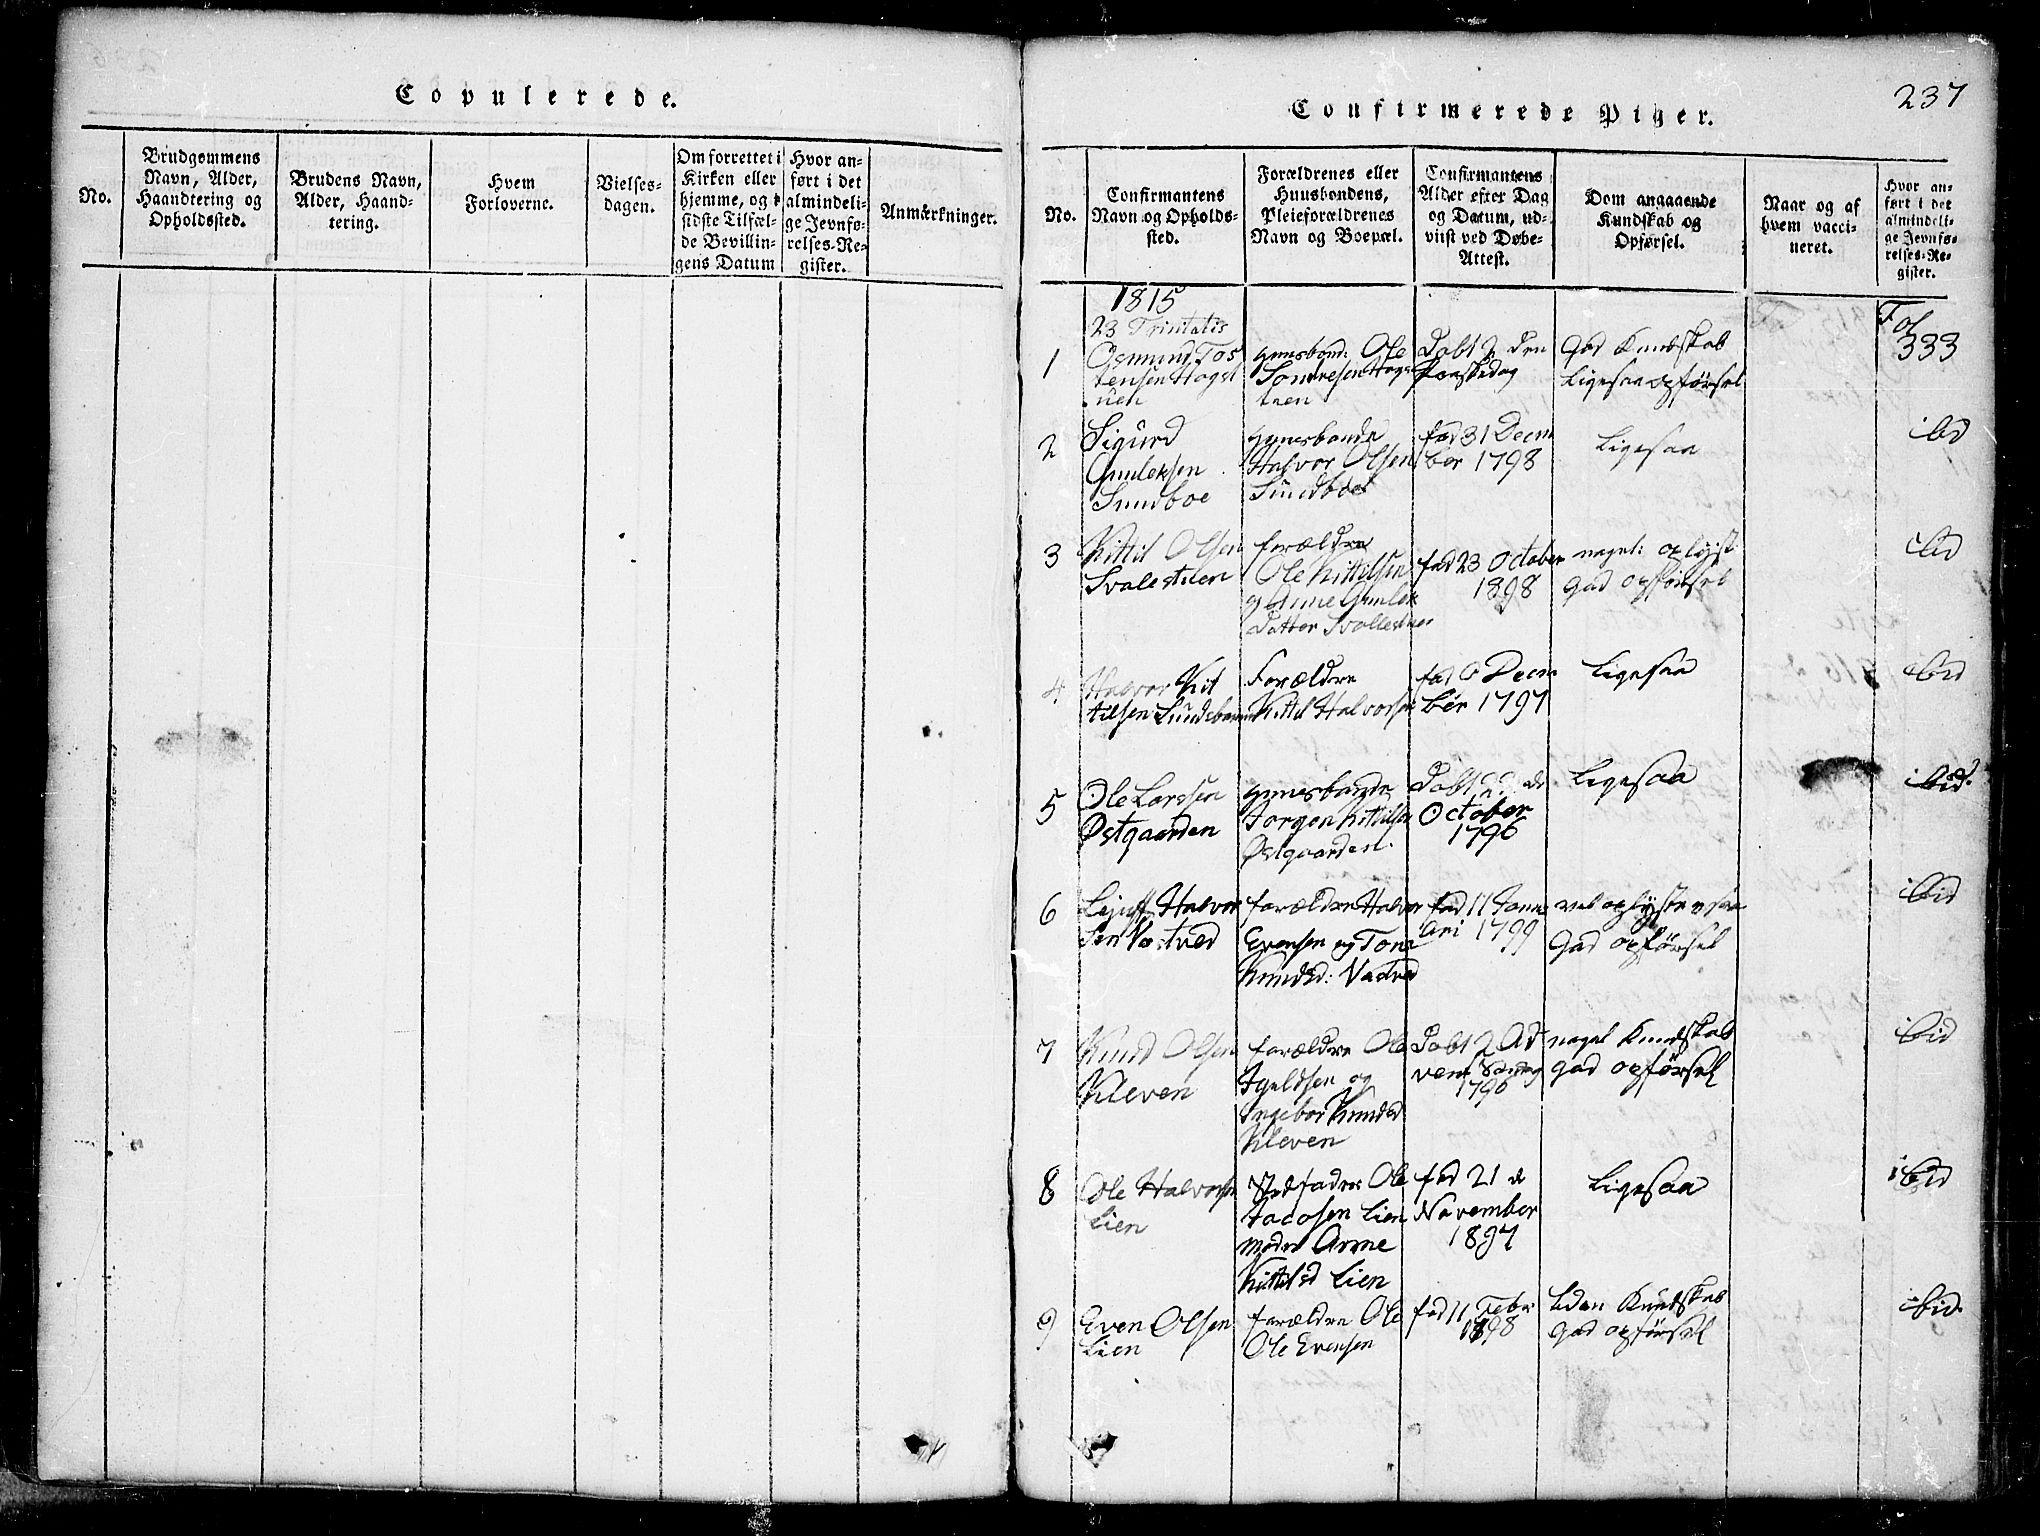 SAKO, Seljord kirkebøker, G/Gb/L0002: Klokkerbok nr. II 2, 1815-1854, s. 237